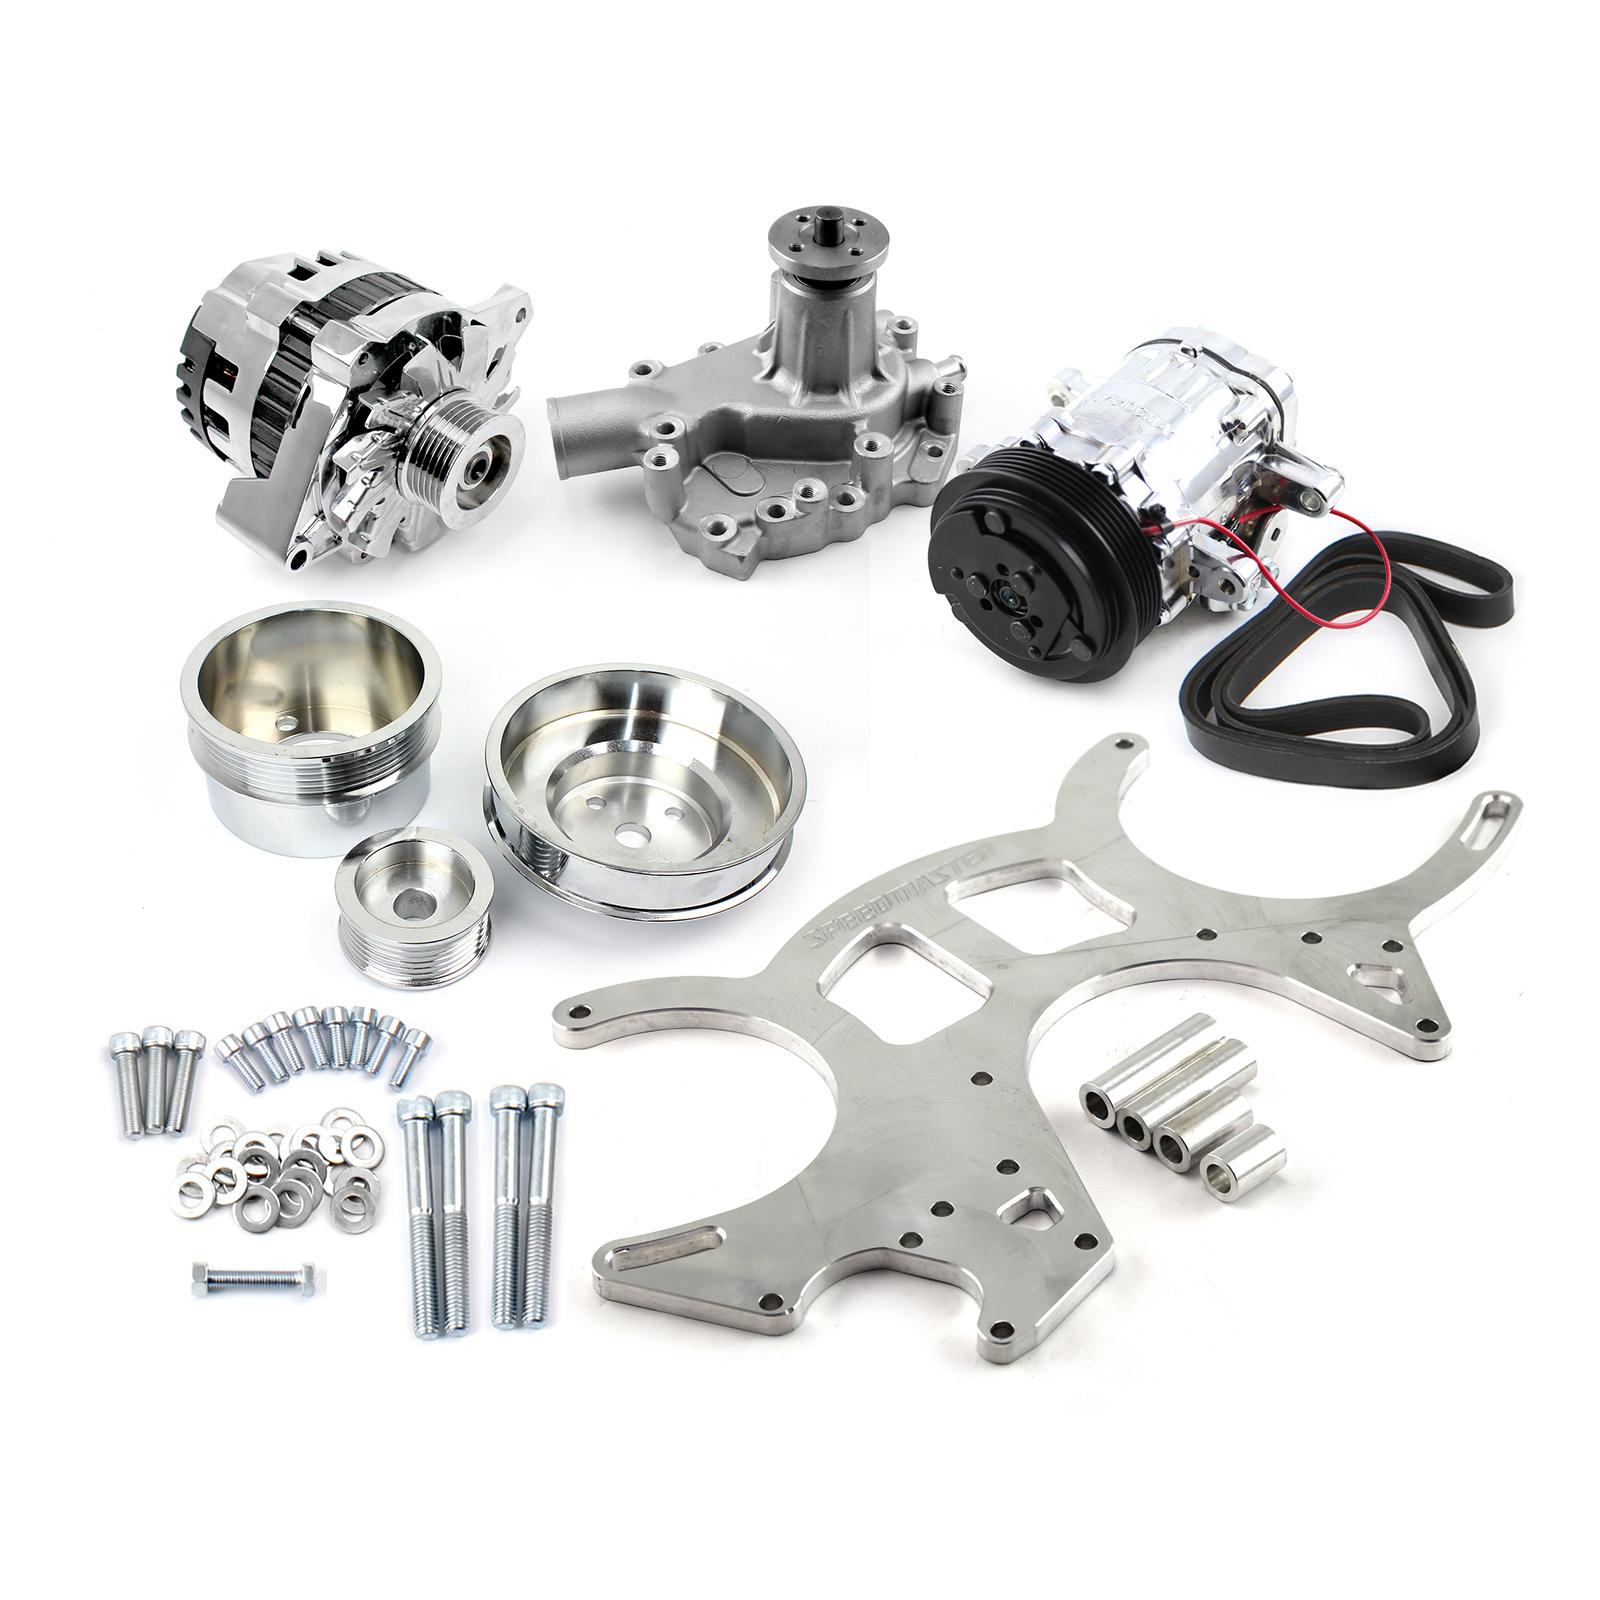 Ford Small Block 289 302 351w Billet Aluminum 20% Underdrive Serpentine Kit